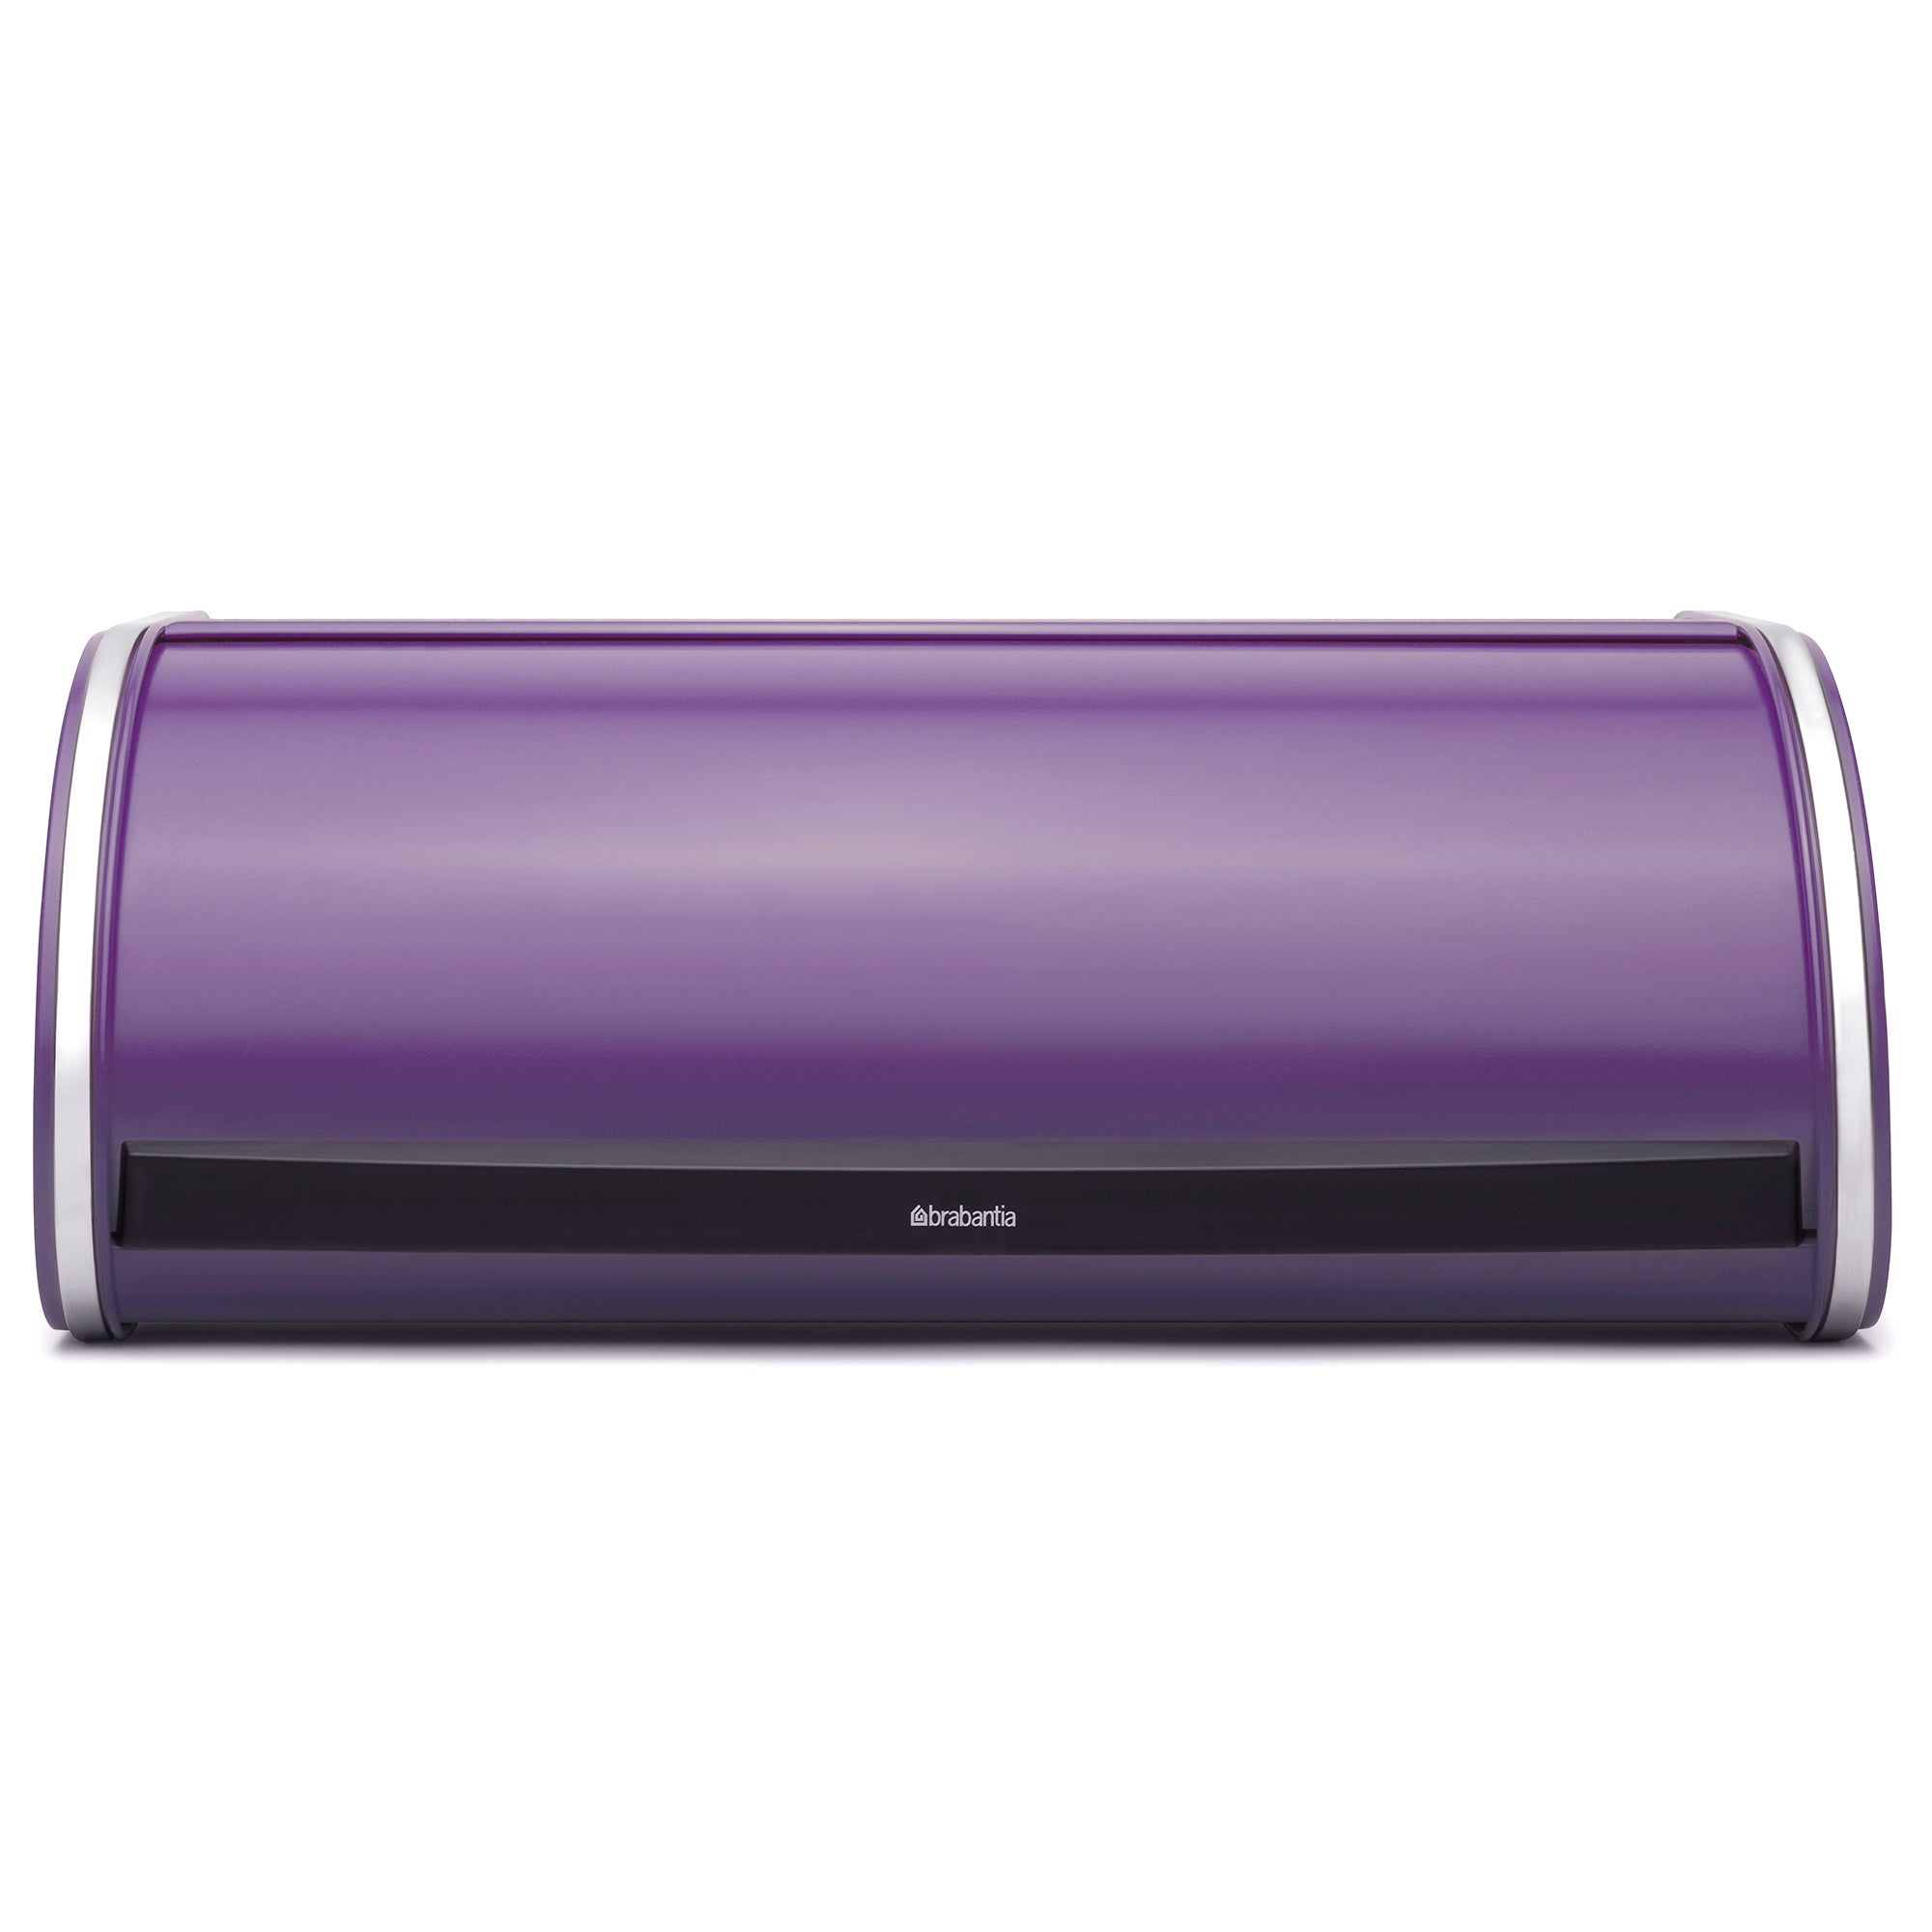 Brabantia Purple Roll Top Bread Bin